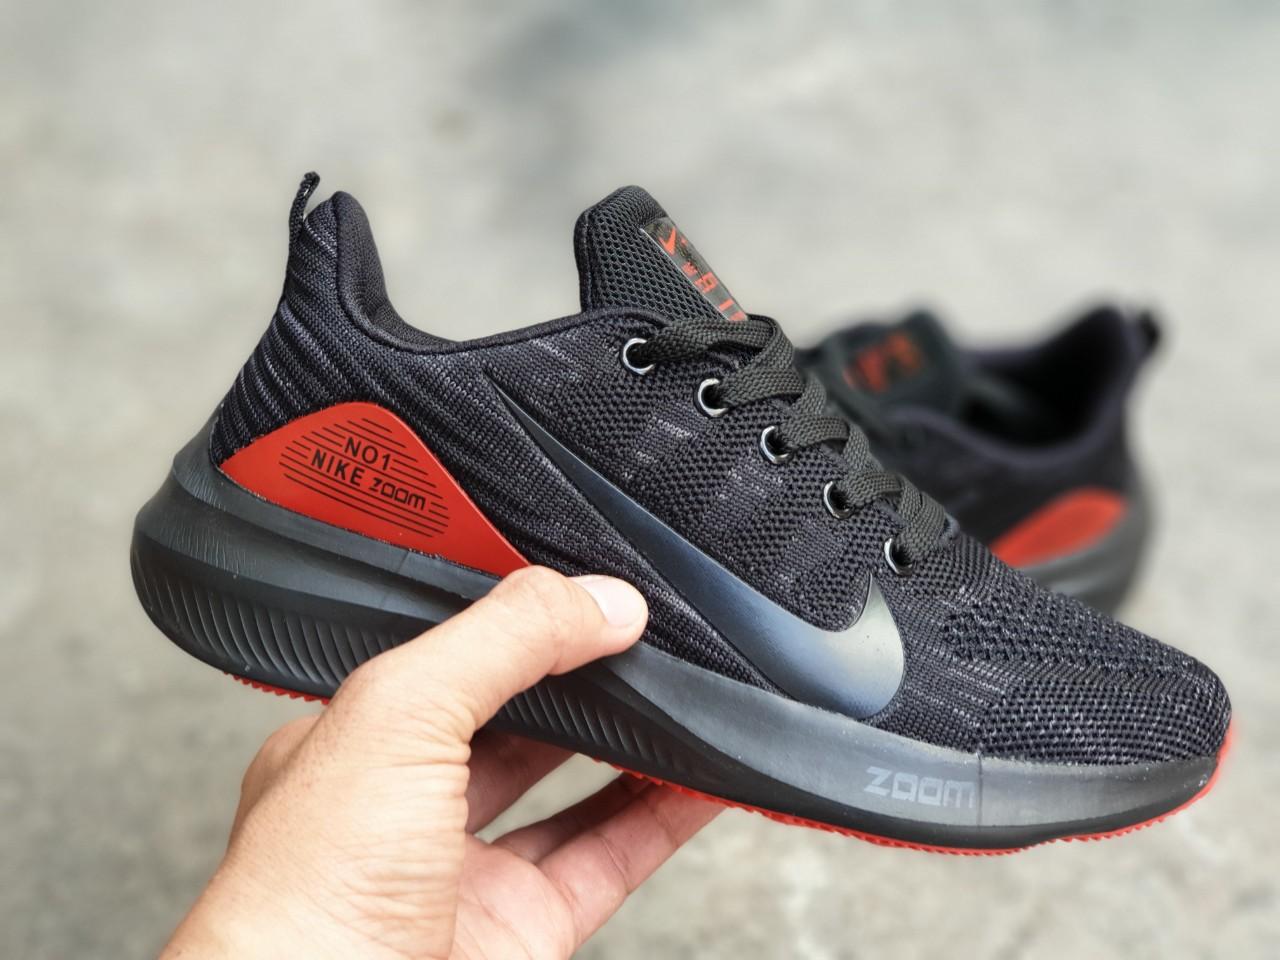 Giày Nike Zoom F14 màu đỏ